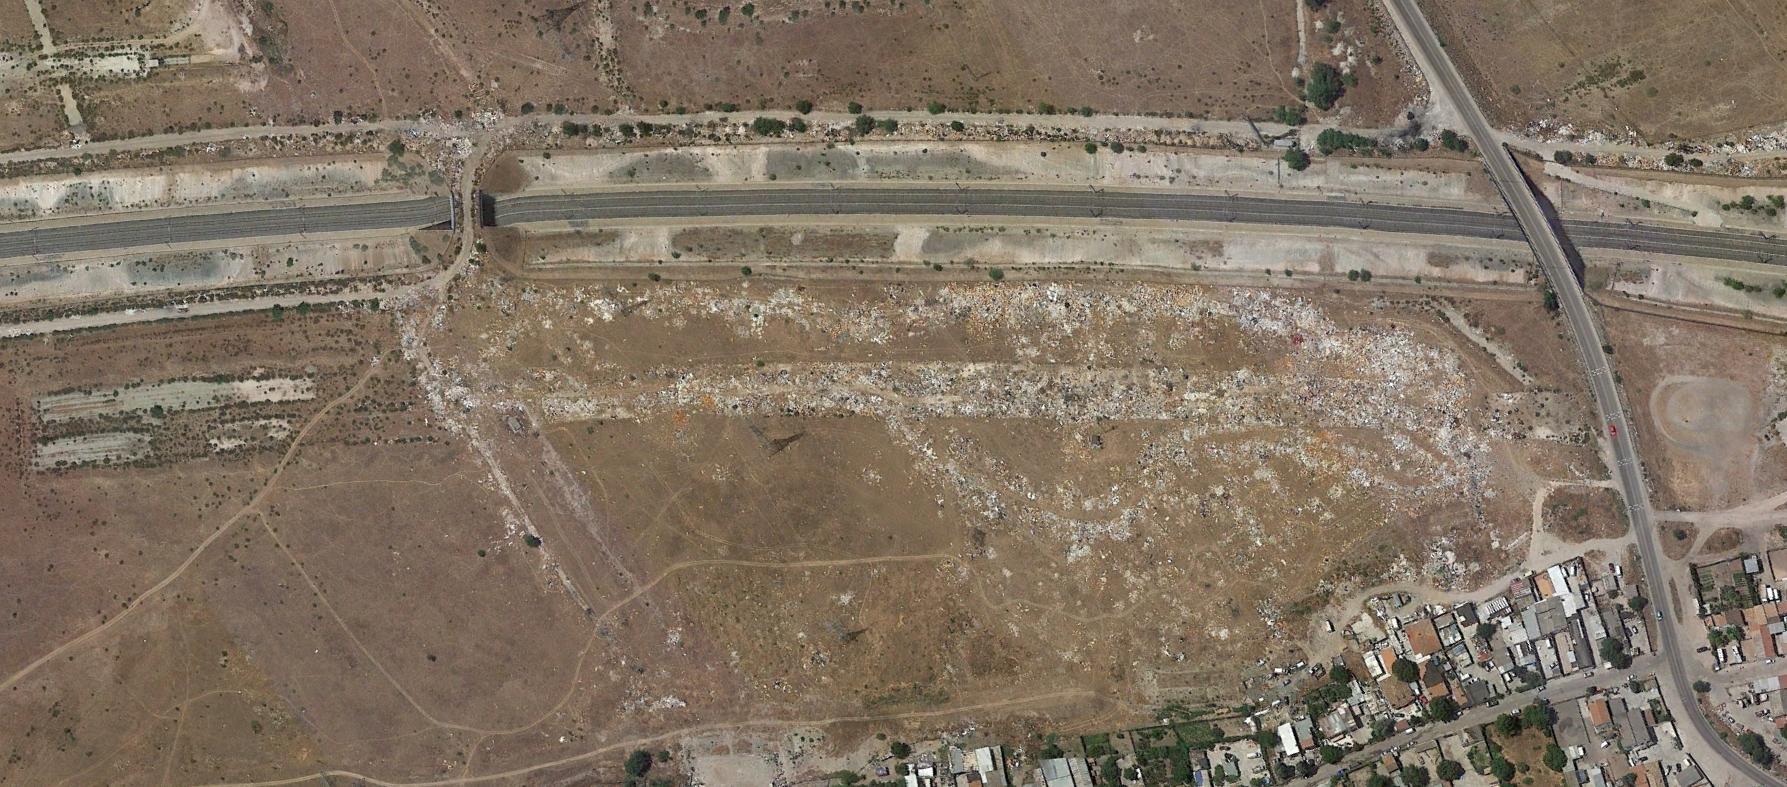 m-823 con cañada real, madrid, lixo, después, urbanismo, planeamiento, urbano, desastre, urbanístico, construcción, rotondas, carretera